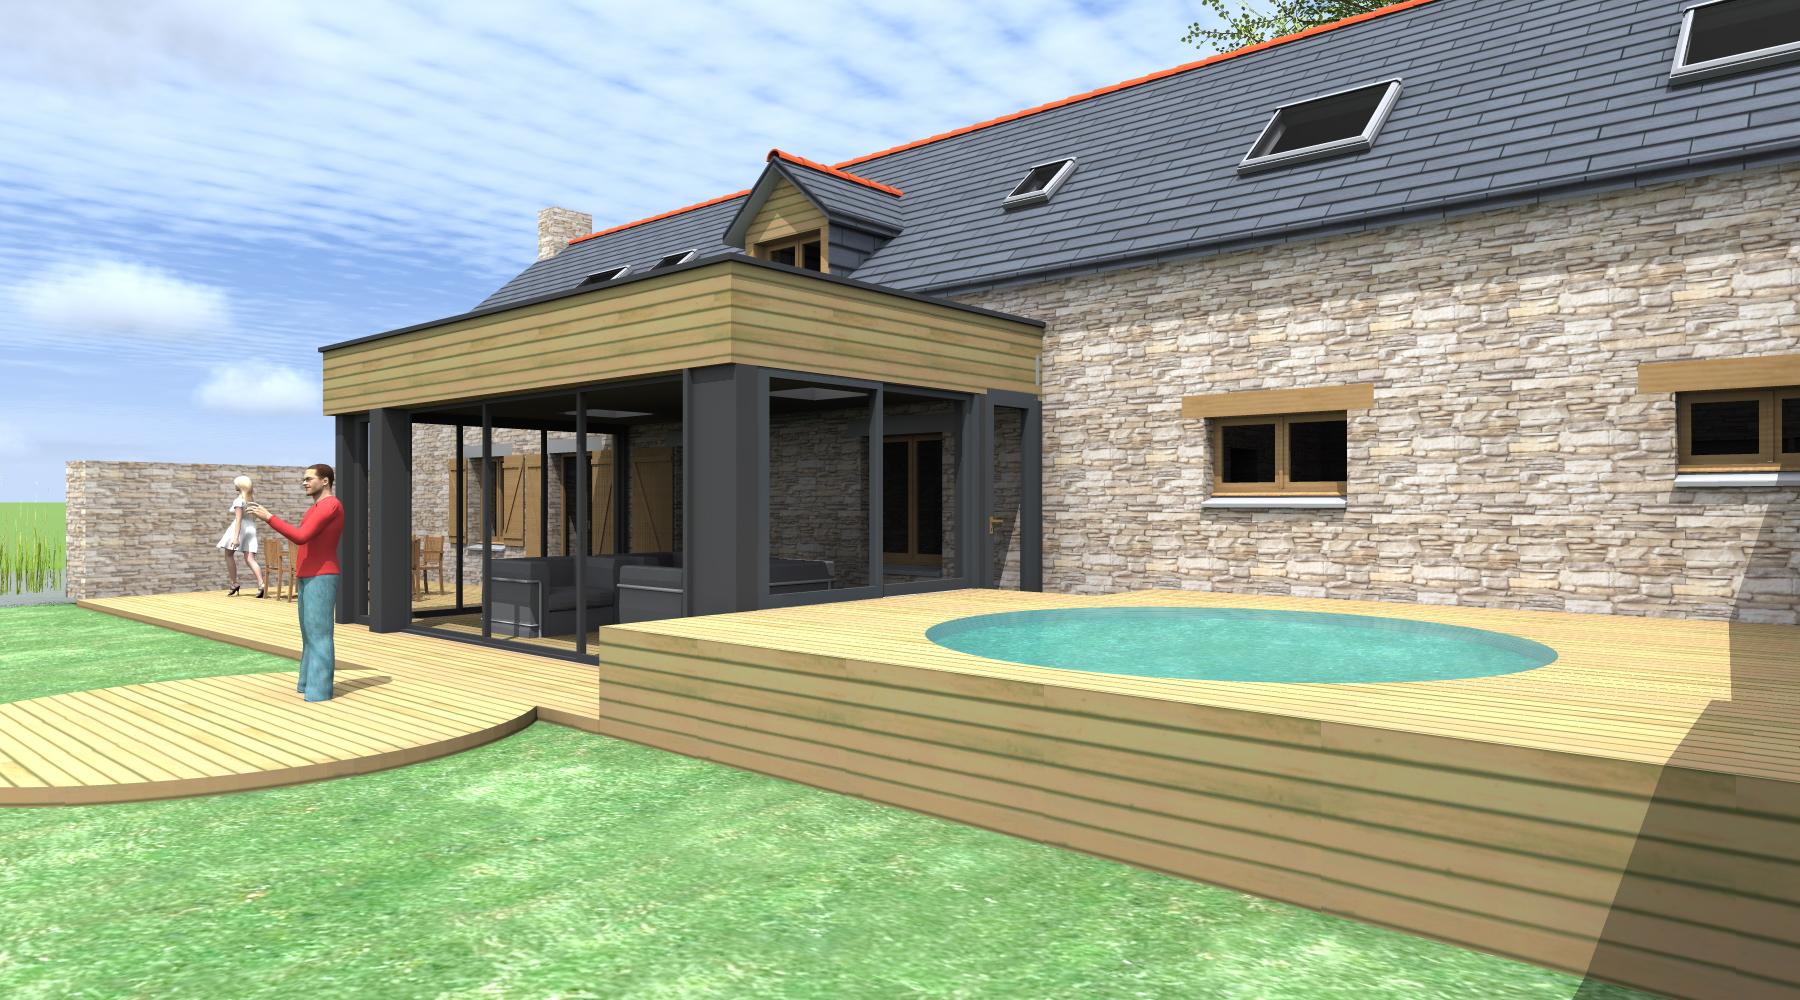 Projet p 1 2 vue architecte lise roturier rennes for Extension bois sur maison pierre